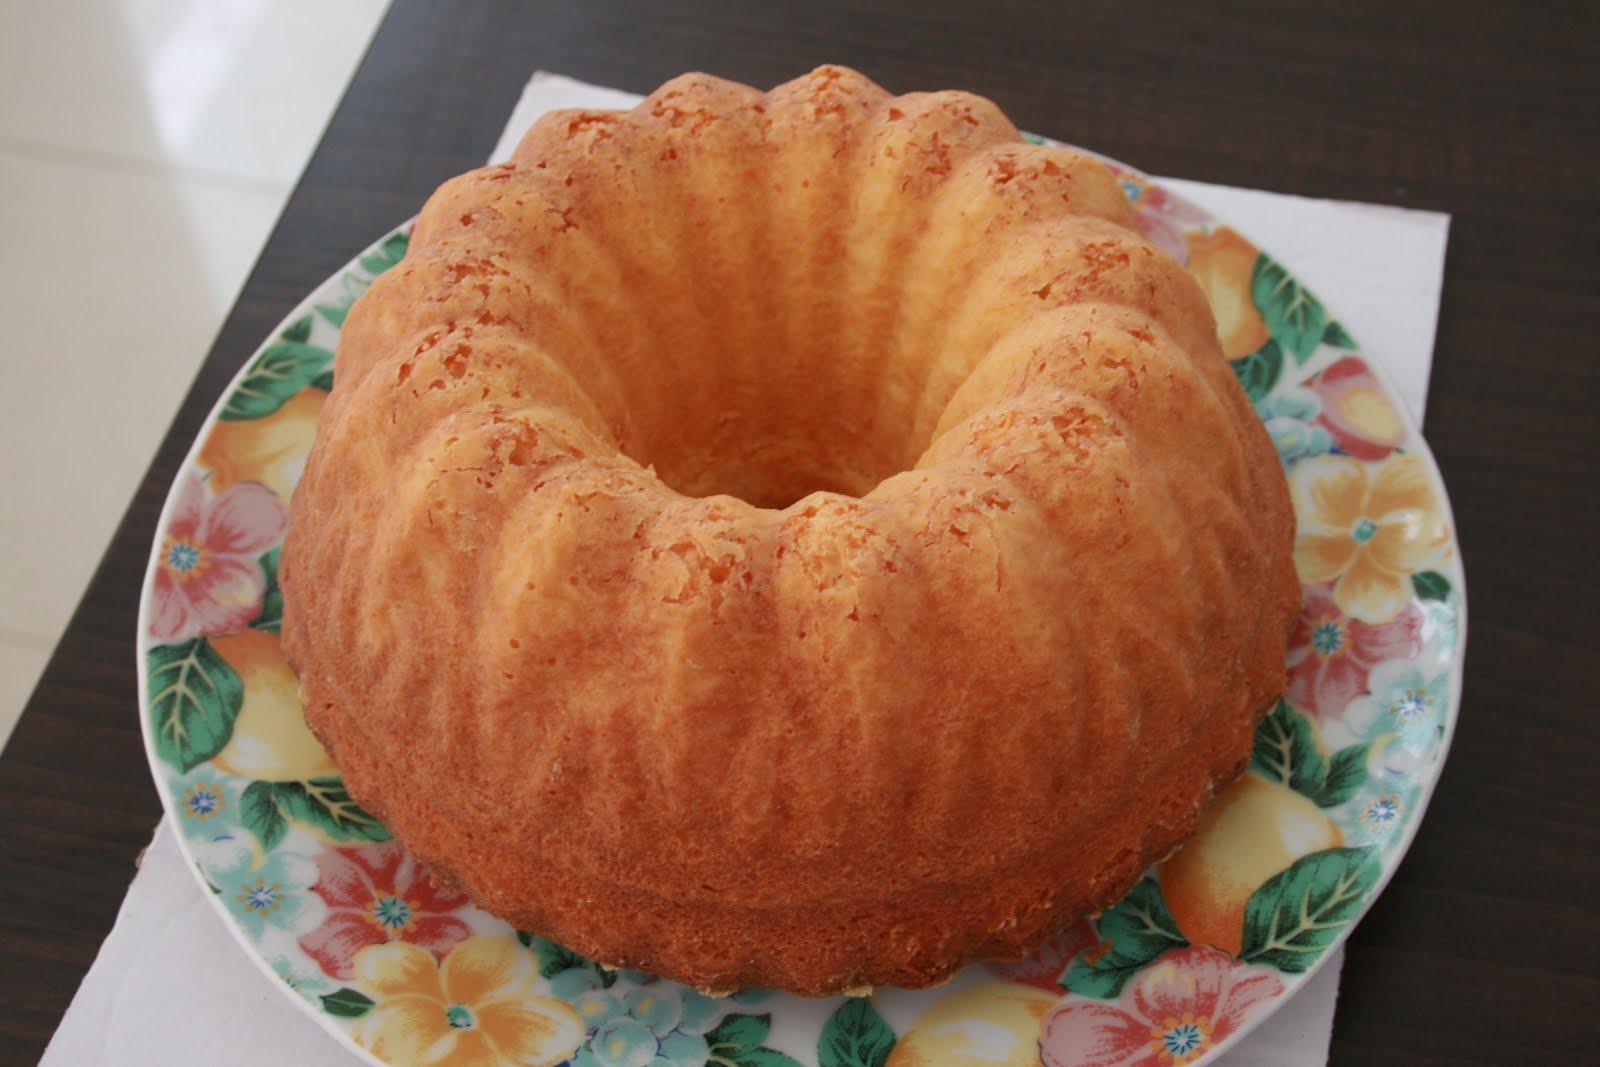 Resep Cake Kukus Tanpa Mixer Jtt: THE PRESENT: Resep Kue Bolu Keju